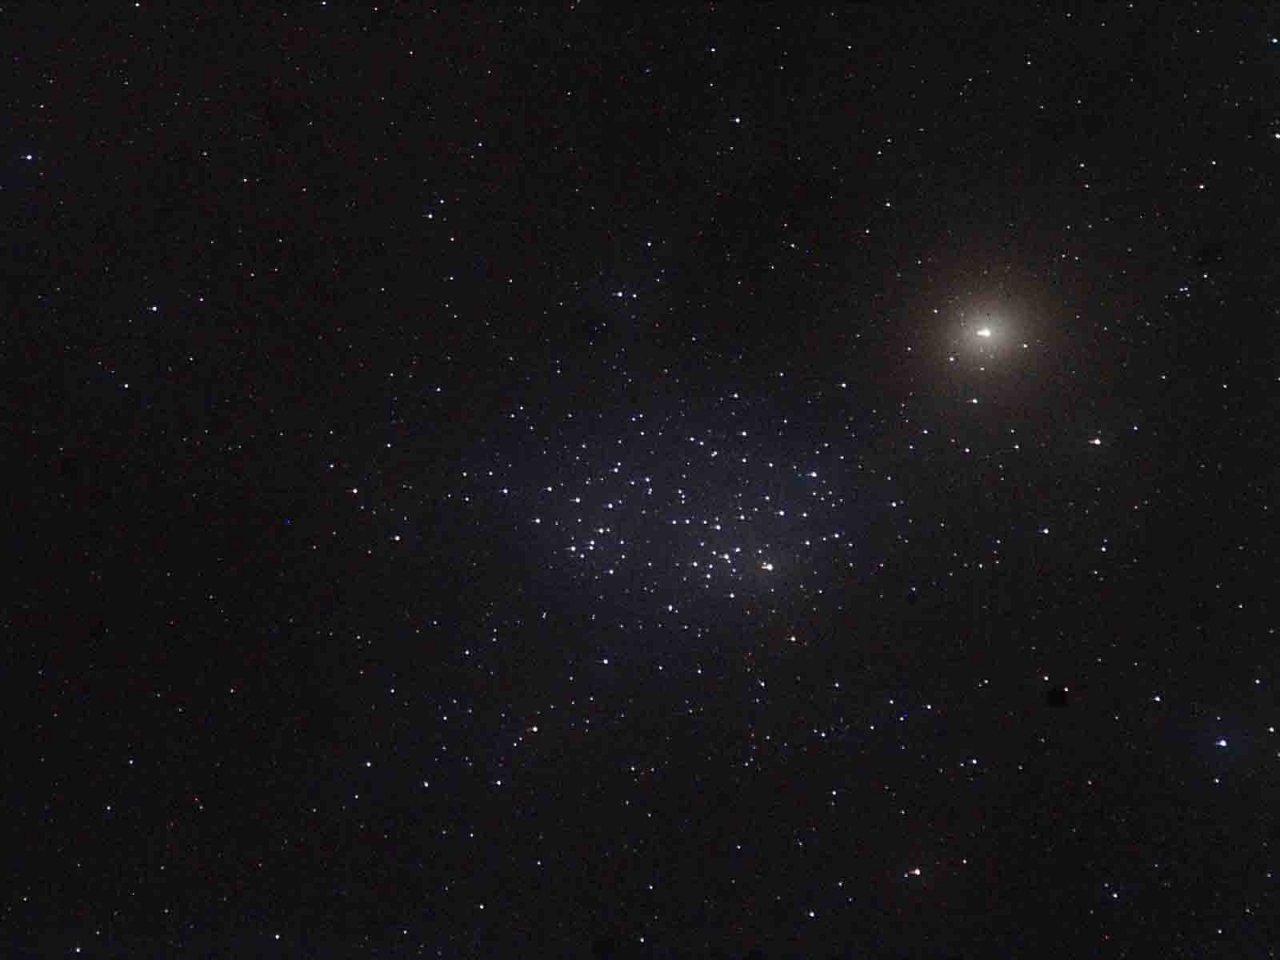 NGC3532